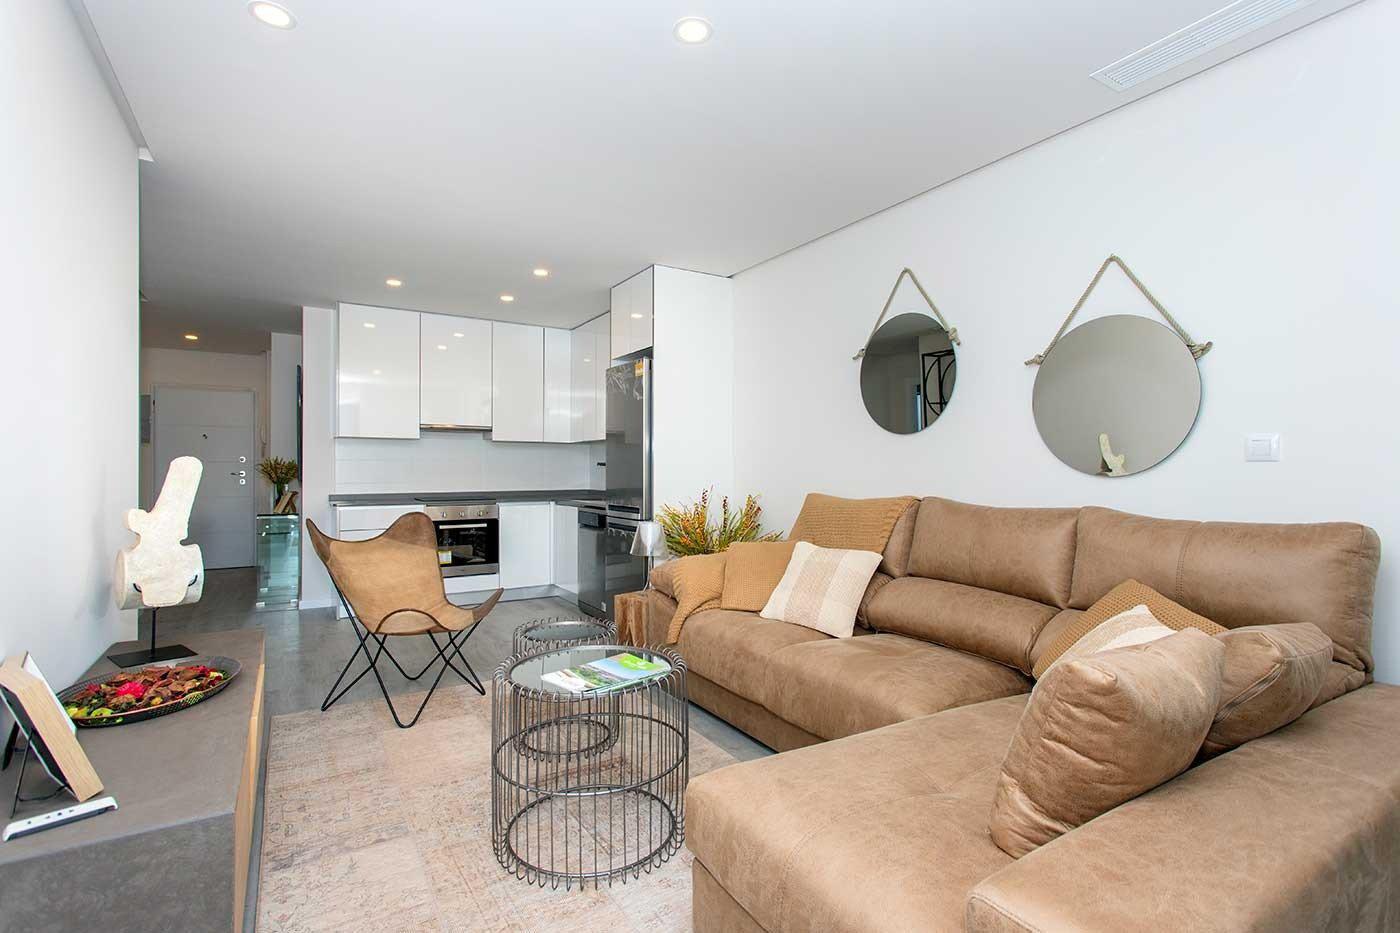 Complejo de estilo moderno con apartamentos de 2,3 dormitorios y 2 baños con amplias terra - imagenInmueble26